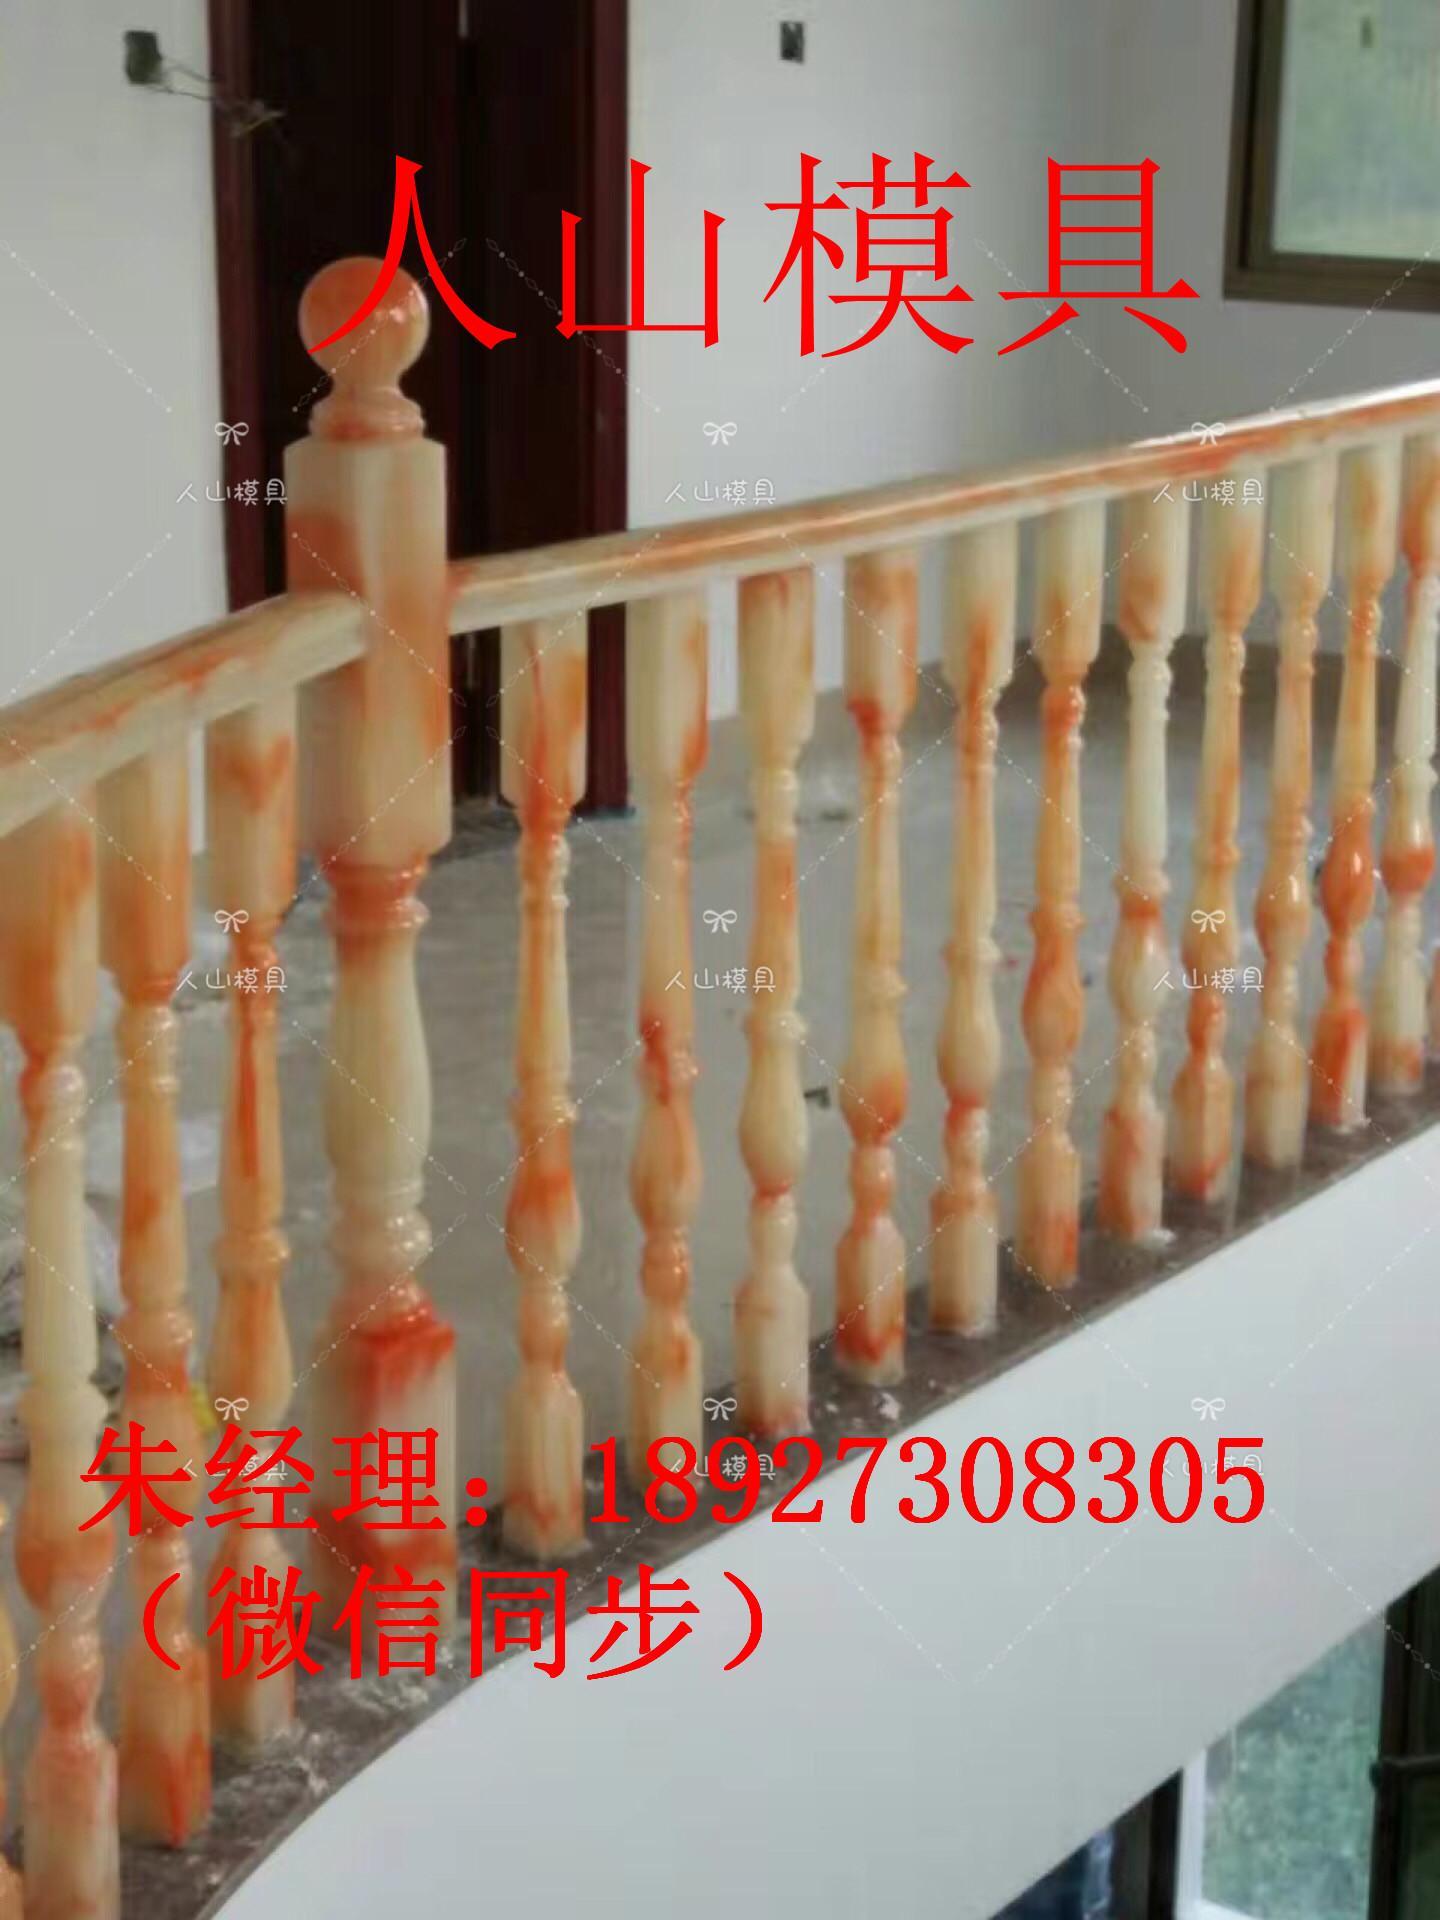 樓梯扶手硅膠模具 石欄杆石雕欄杆硅膠模具  1